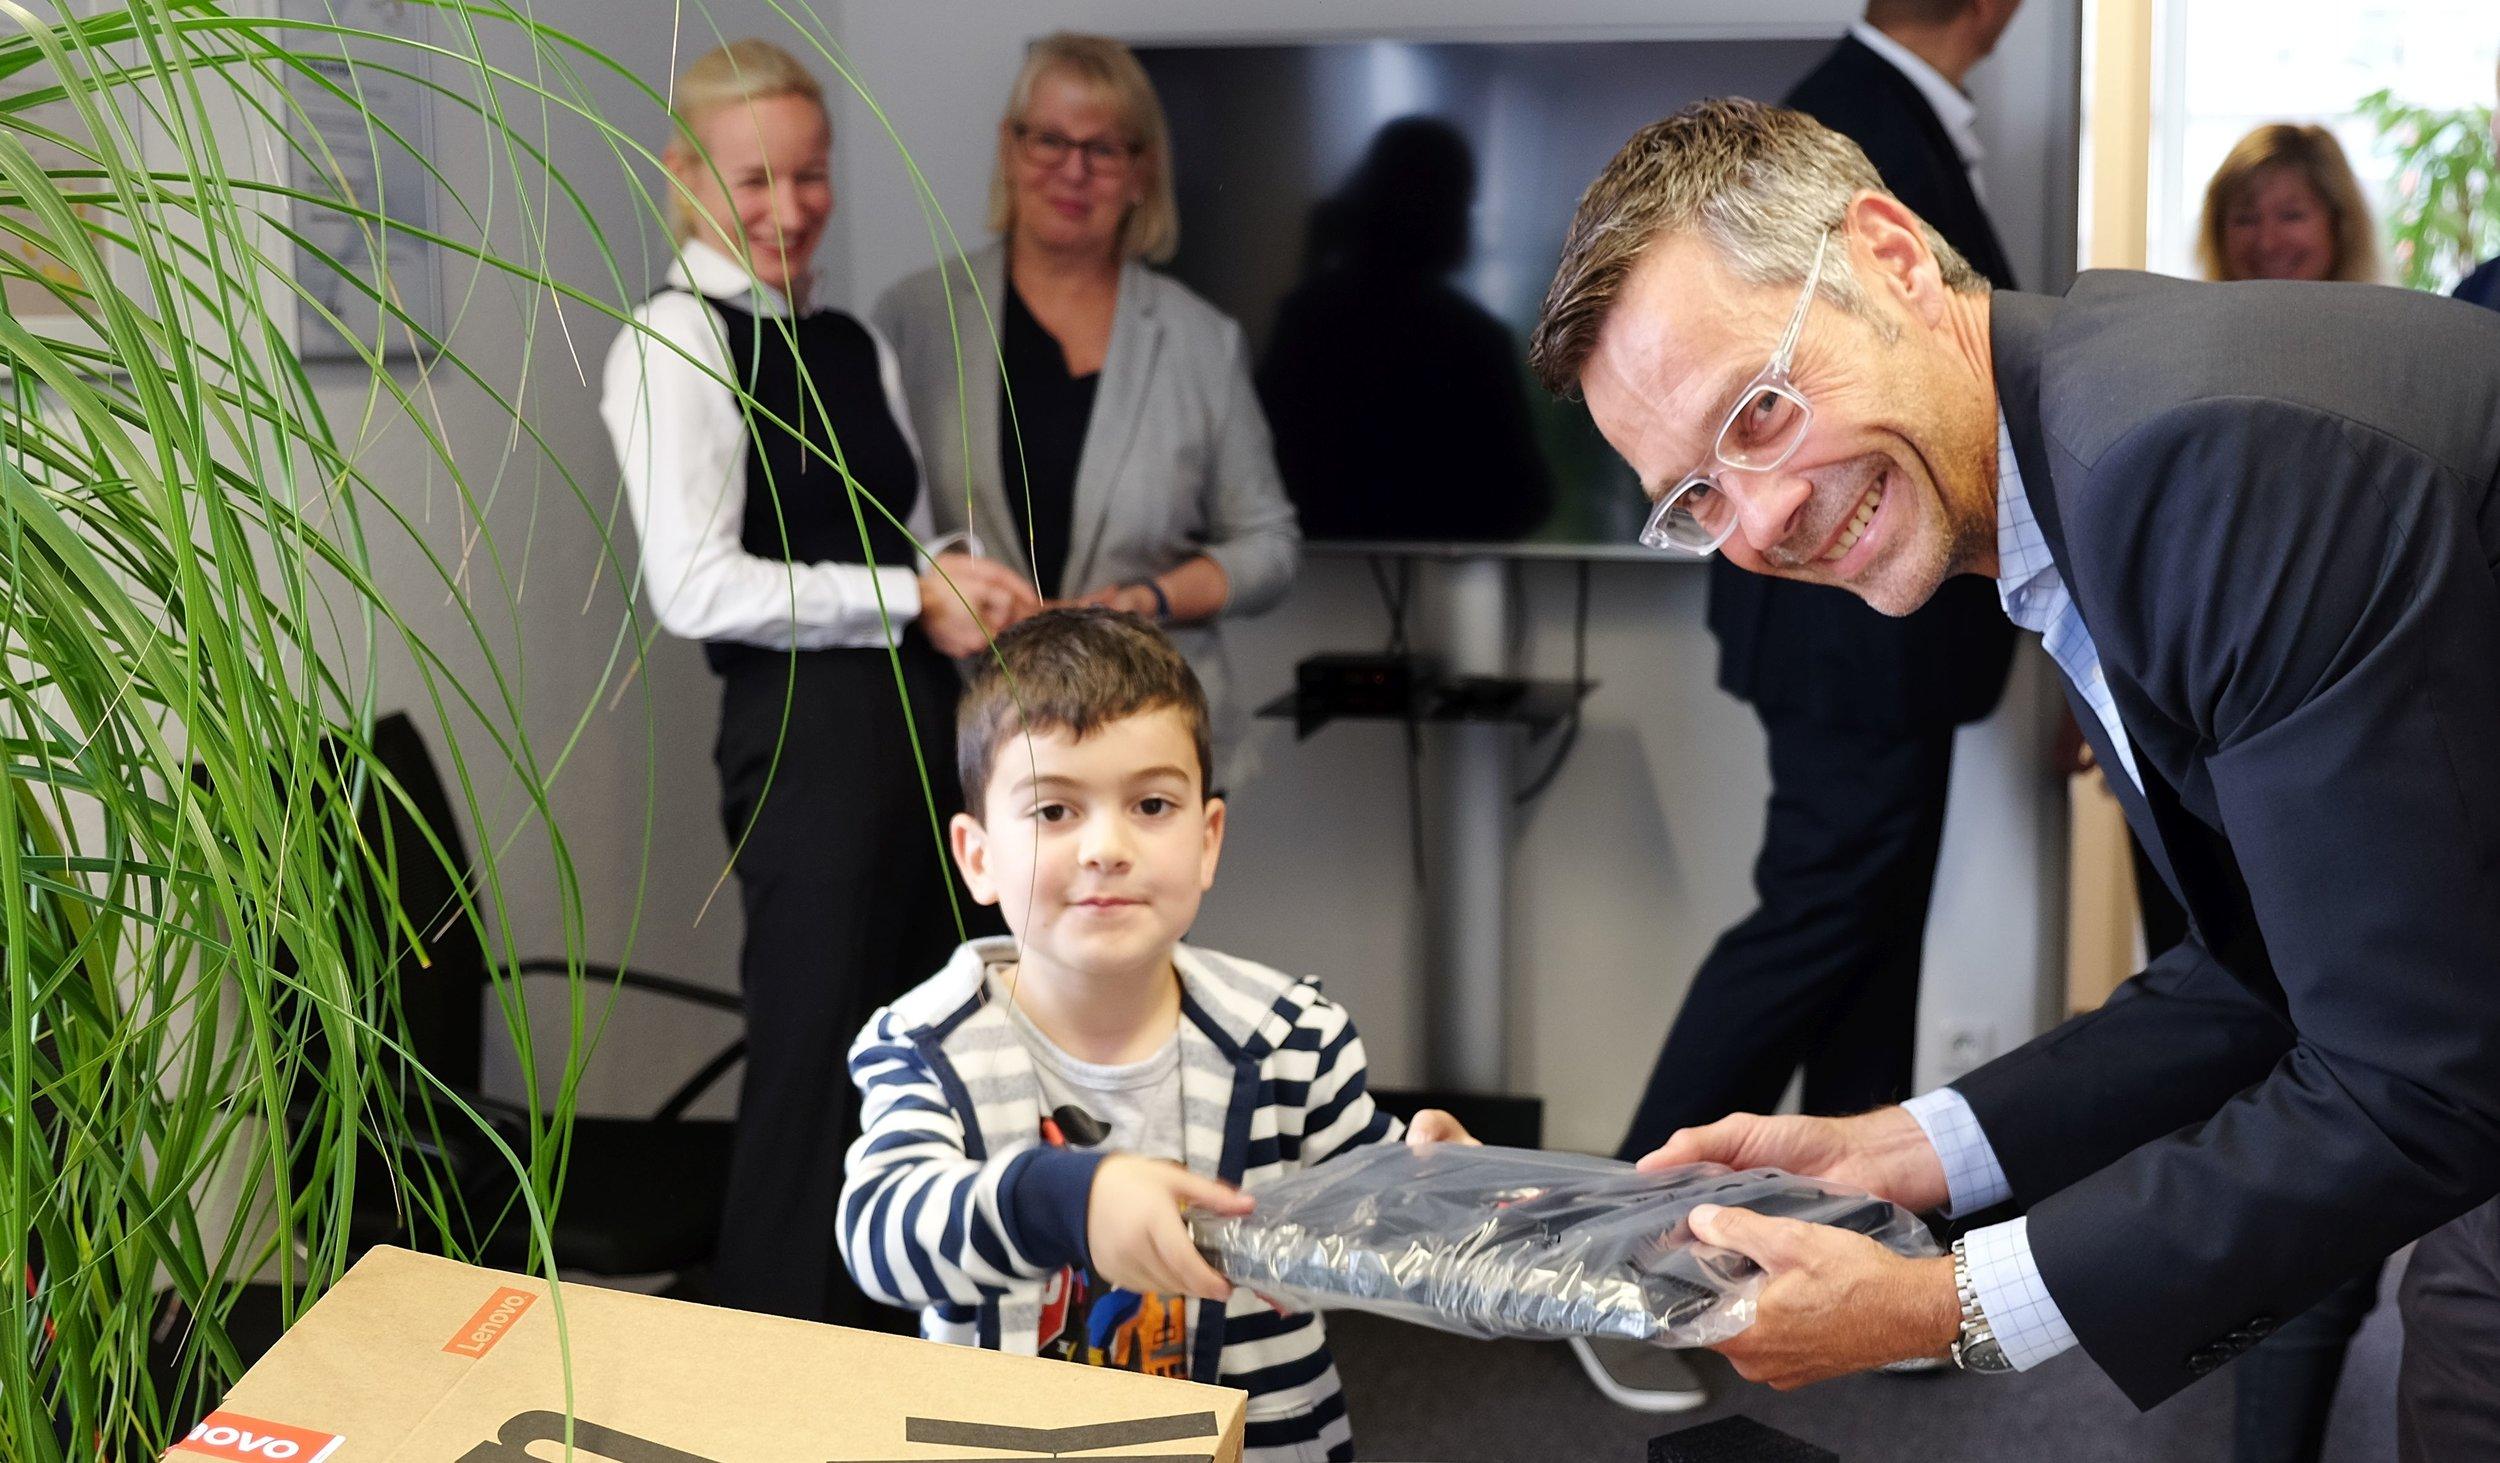 Der 7-jährige Ismail lässt sich von Sven Sommer die Laptops zeigen. Foto: Malteser